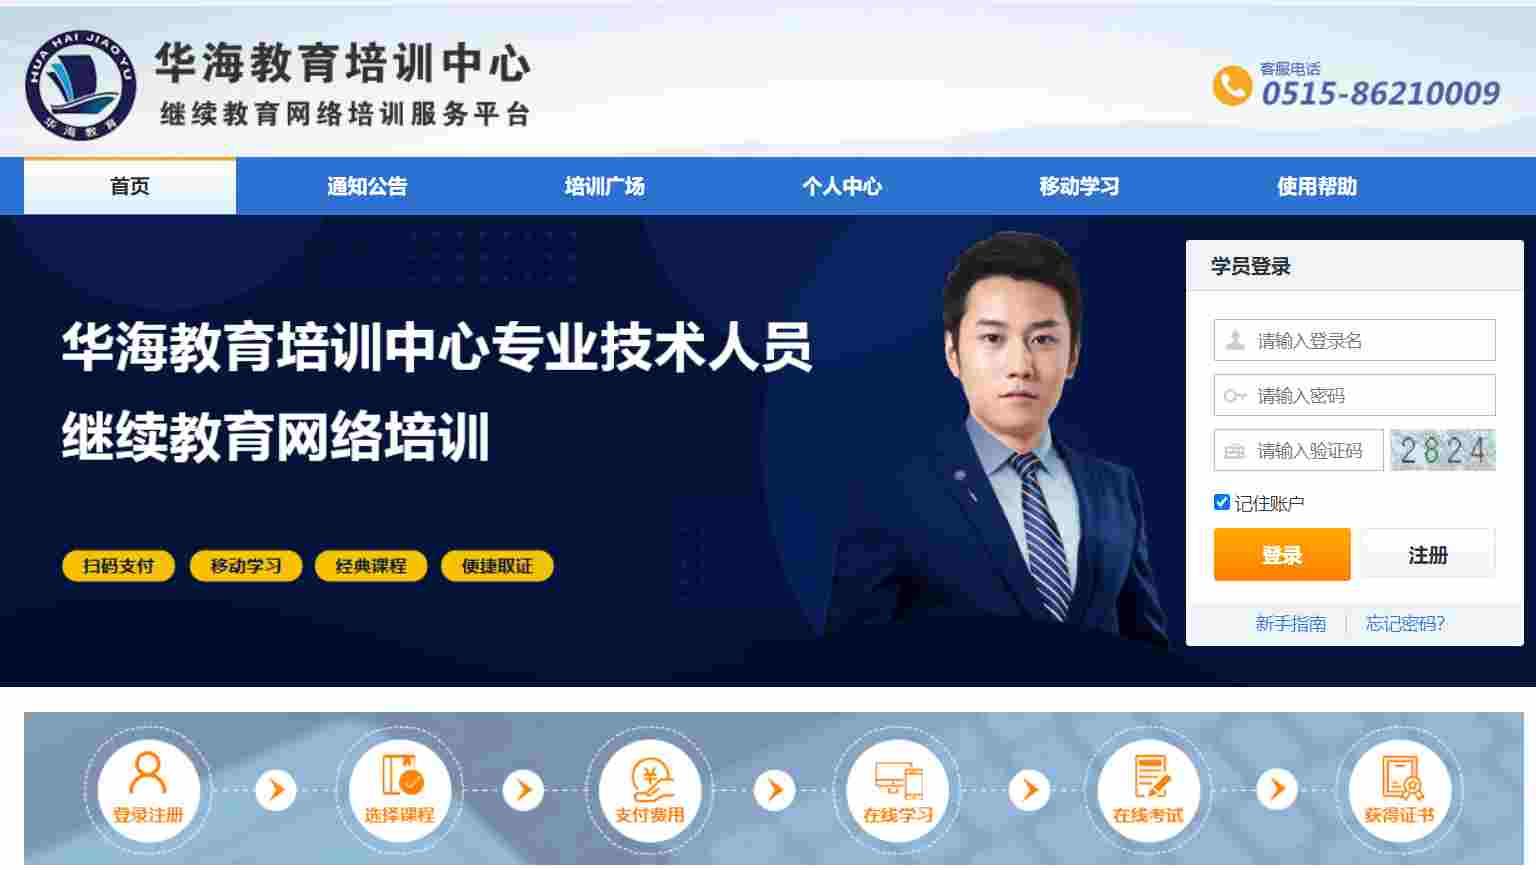 华海教育培训中心继续教育培训服务平台代学